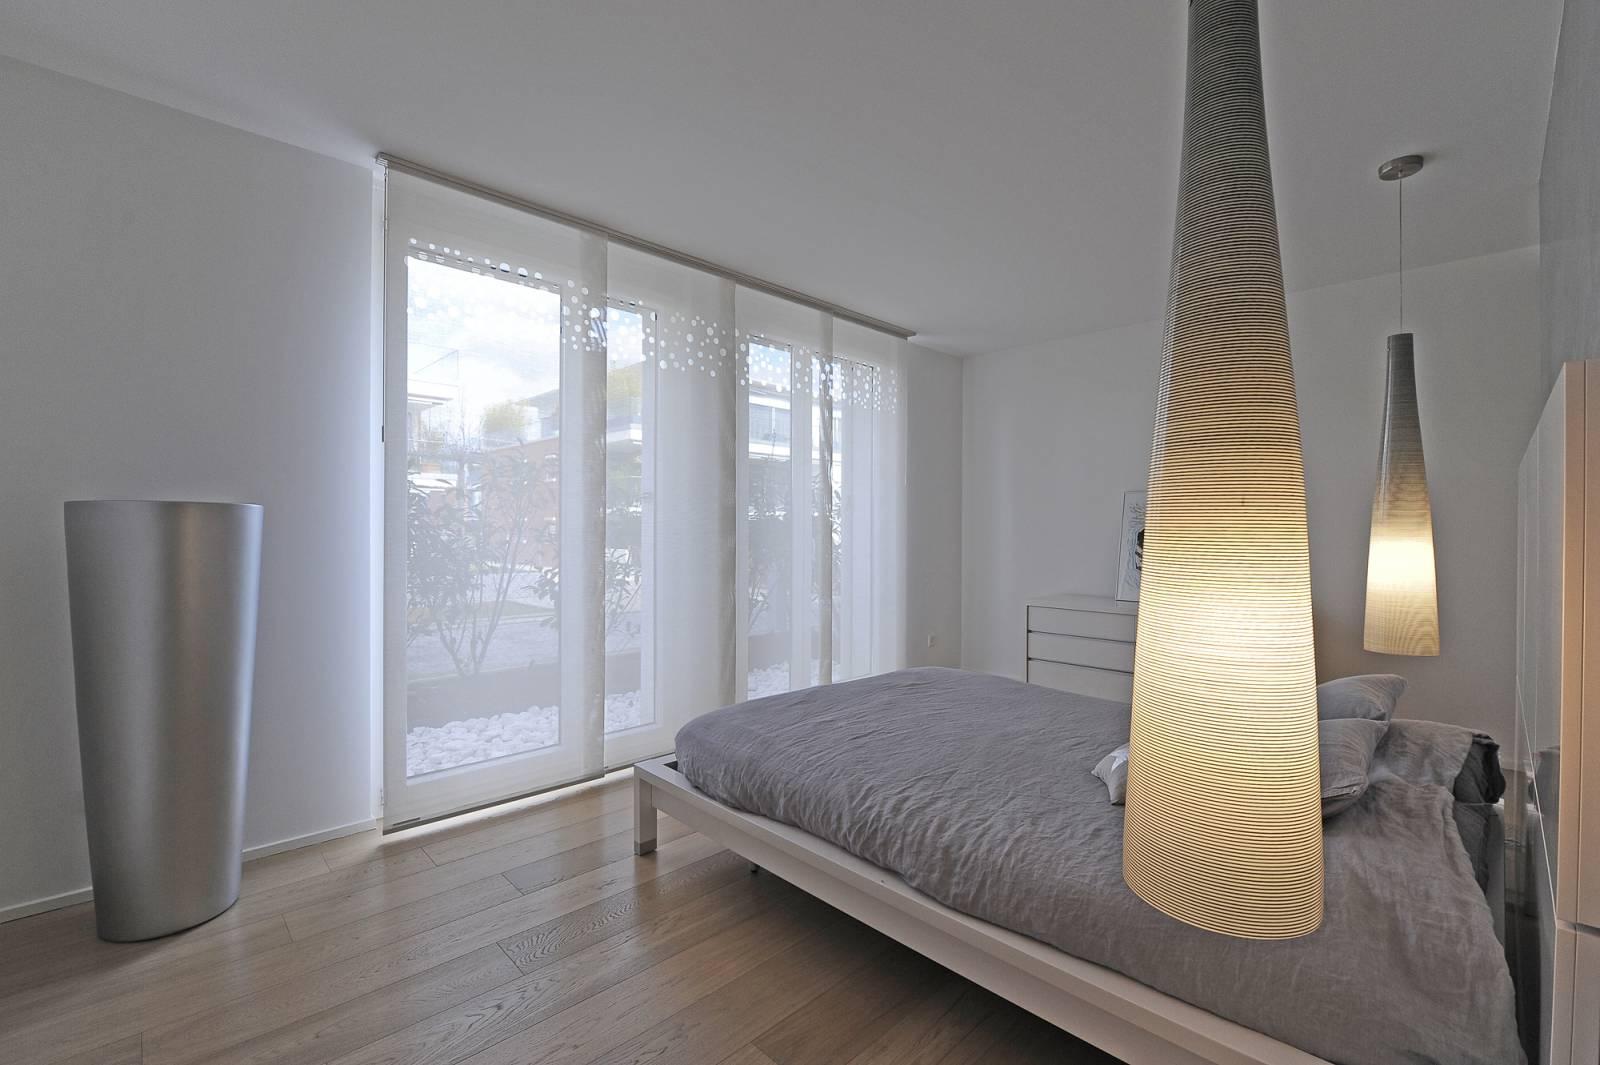 """Panneaux japonais écrans solaires """"Bulles de savon"""" : appartement privé - Suisse"""